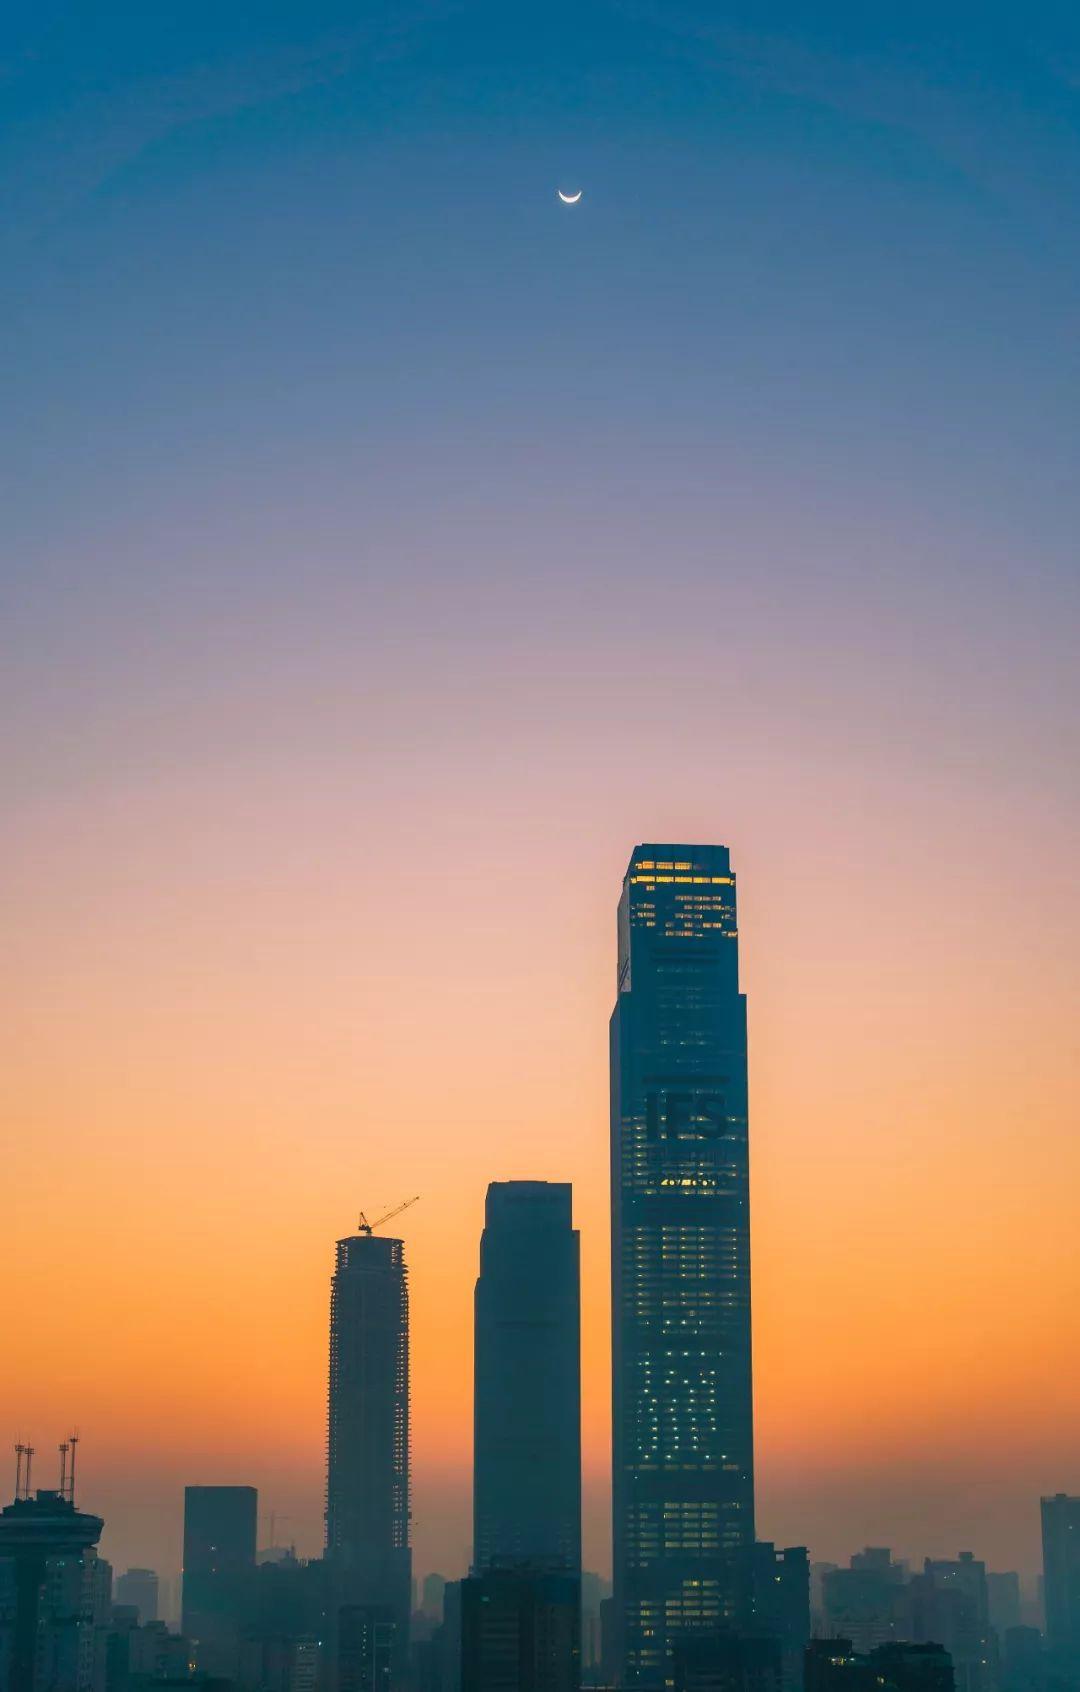 长沙:不甘寂寞的快乐之城